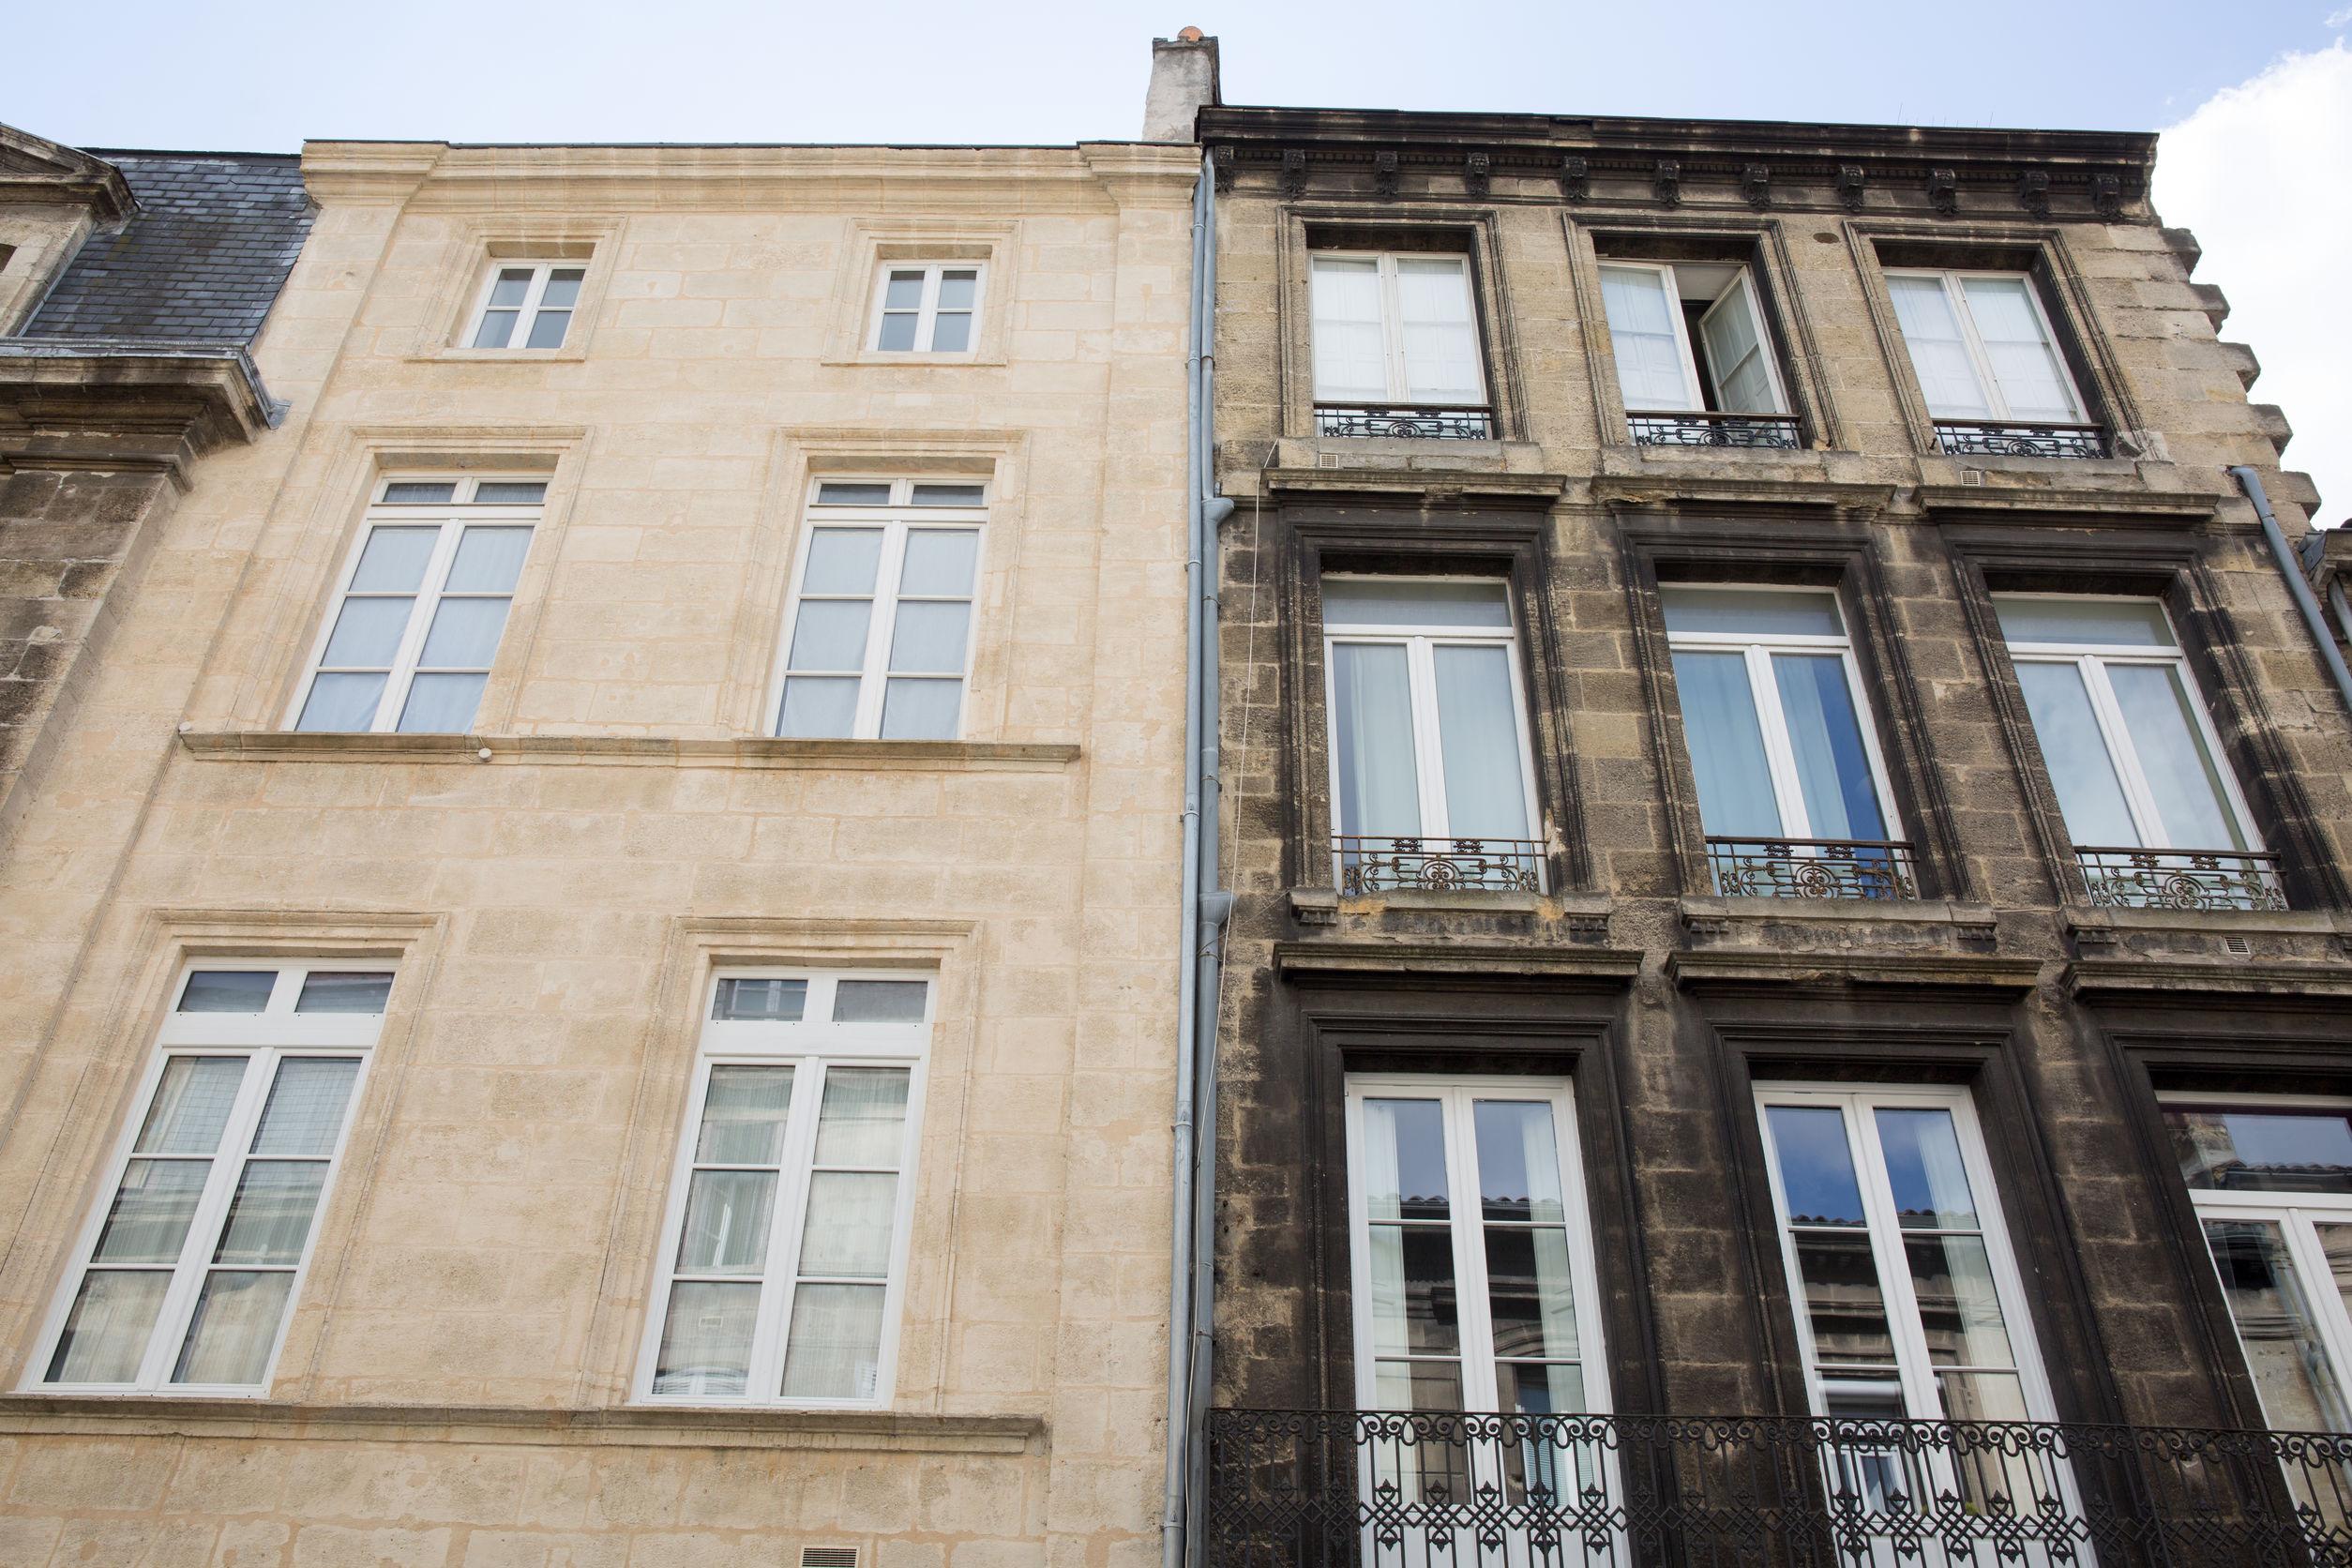 avant et après rénovation ou nettoyage d'une façade d'un immeuble